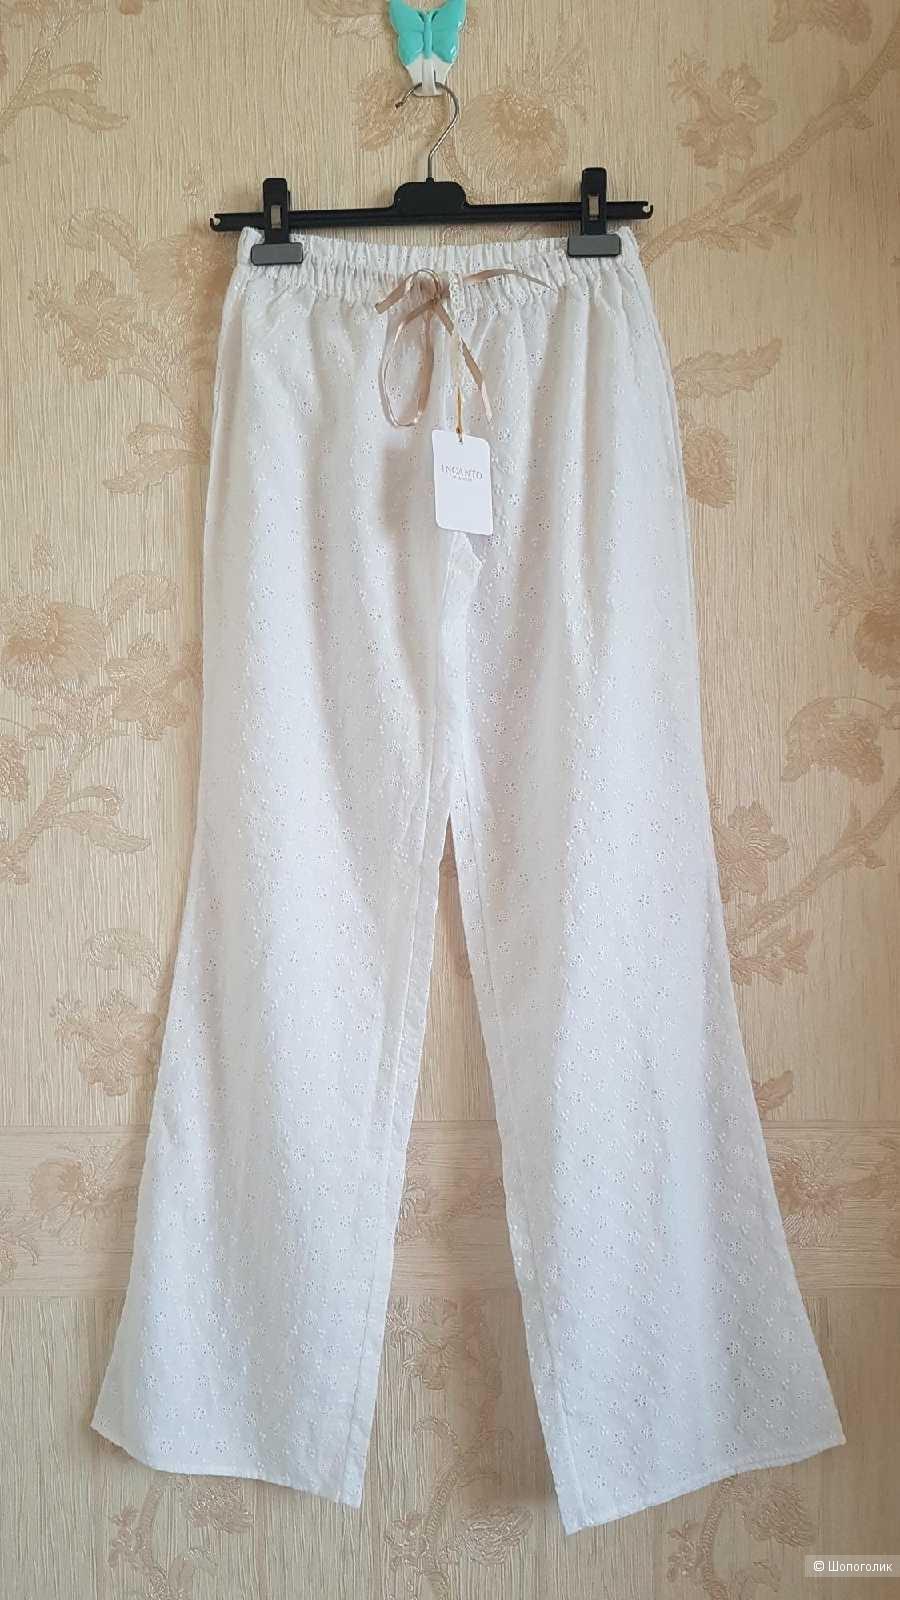 Пижамные штаны Incanto размер XS